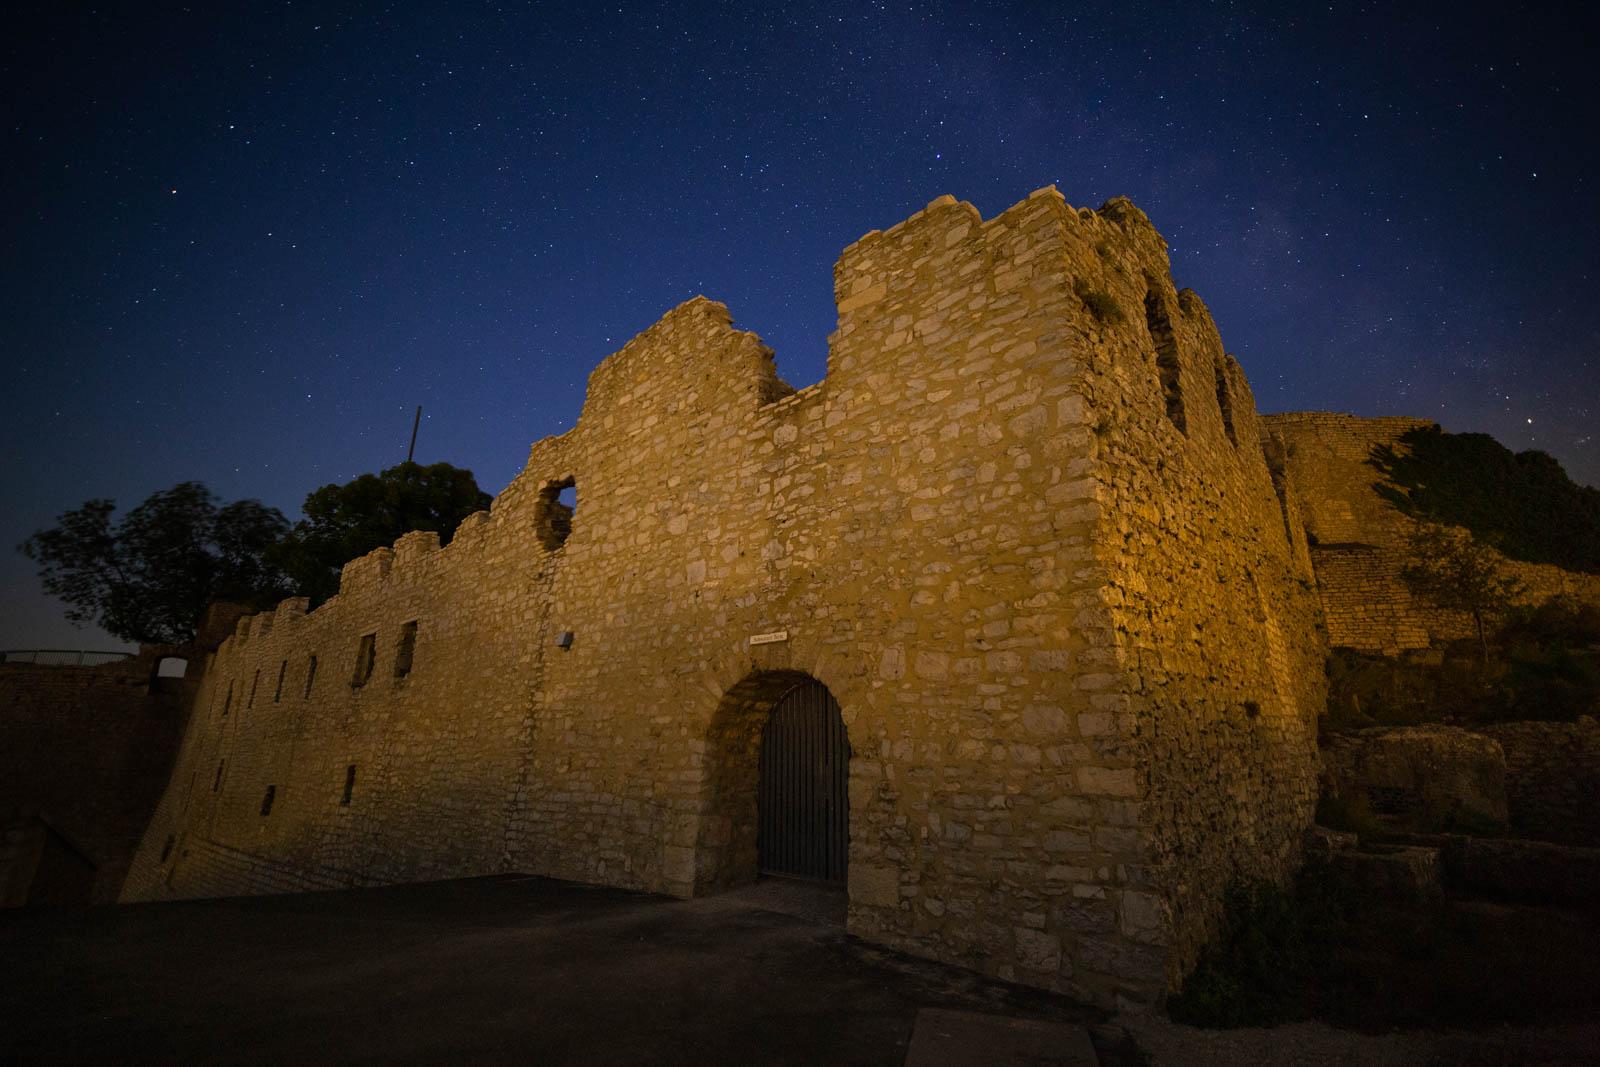 Photo: Die Burg Hohenneuffen bei Nacht mit der Milchstraße